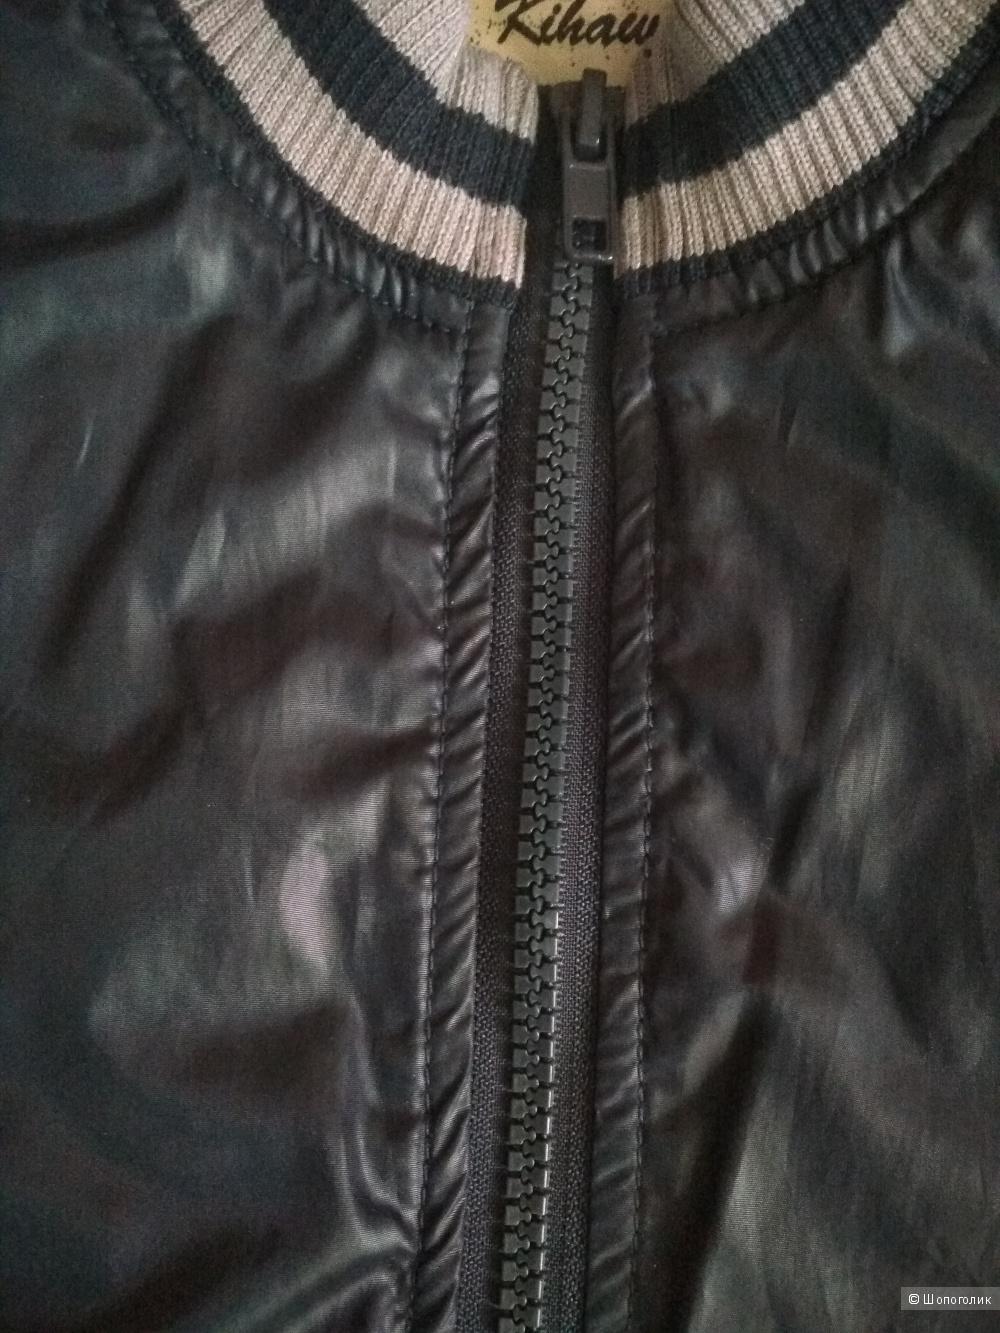 Куртка-ветровка KIHAWO рост 122